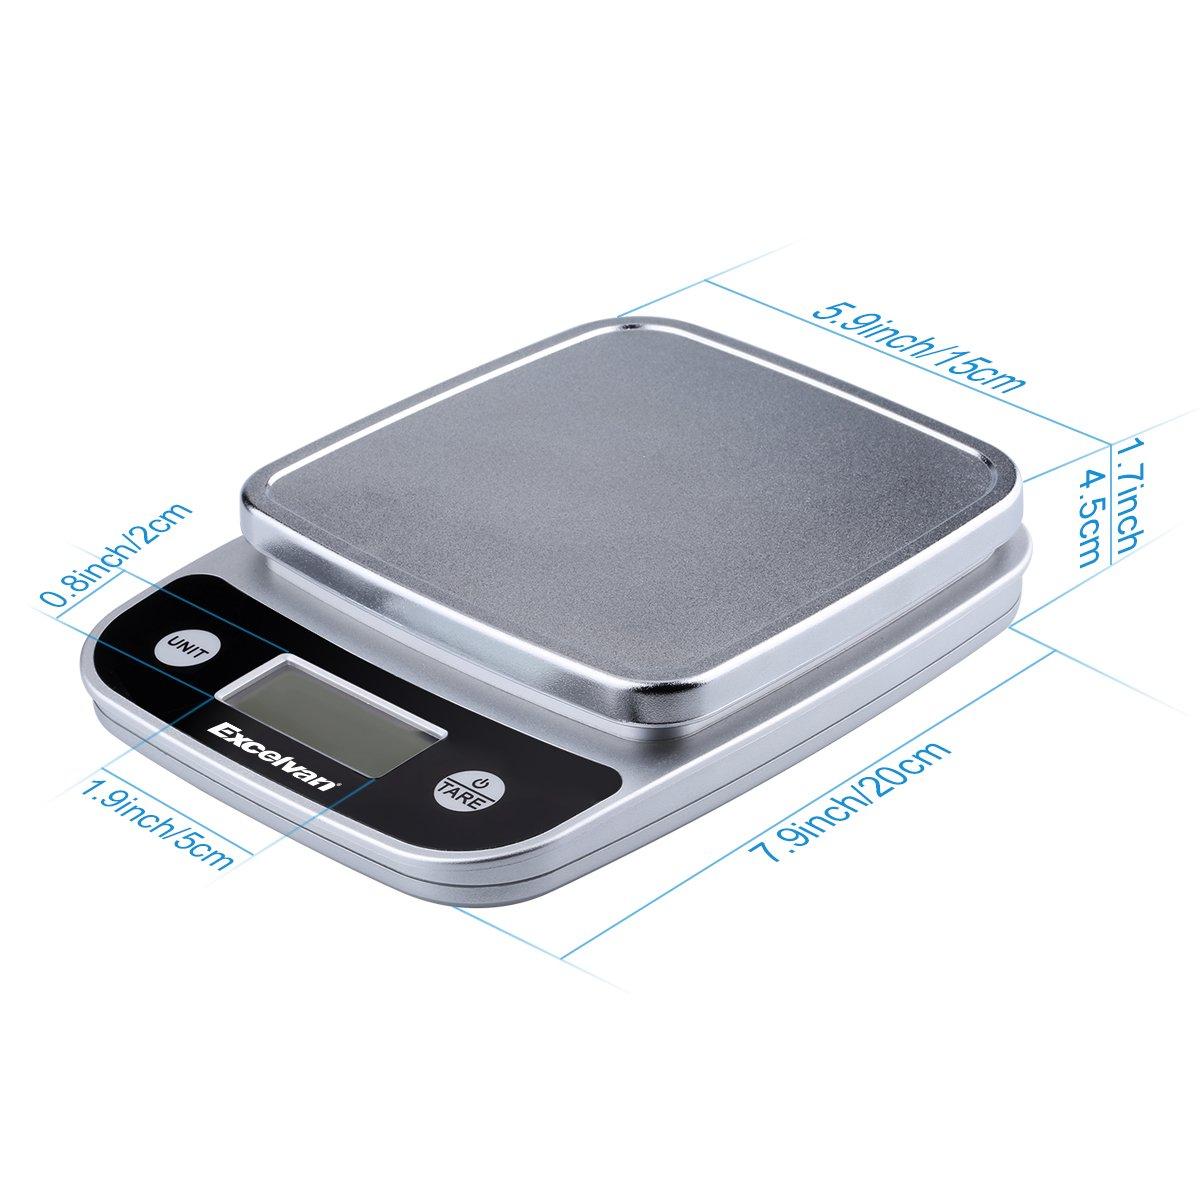 Excelvan CK772 - Balanza Báscula Digital de Cocina hasta 5Kg 11lb (2